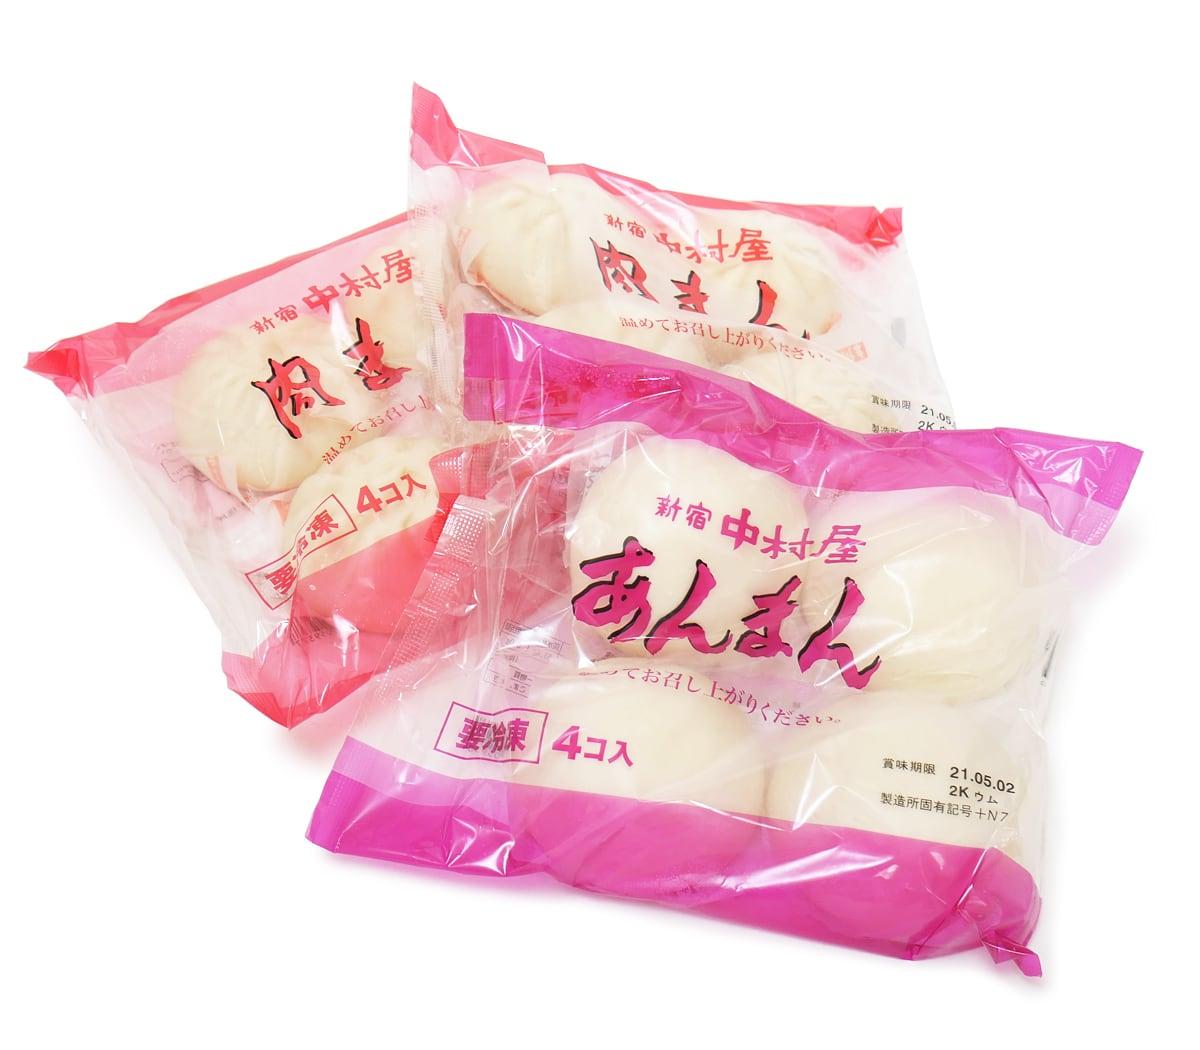 新宿中村屋 肉まん・あんまん 12個入 開封中身(4個×3袋)